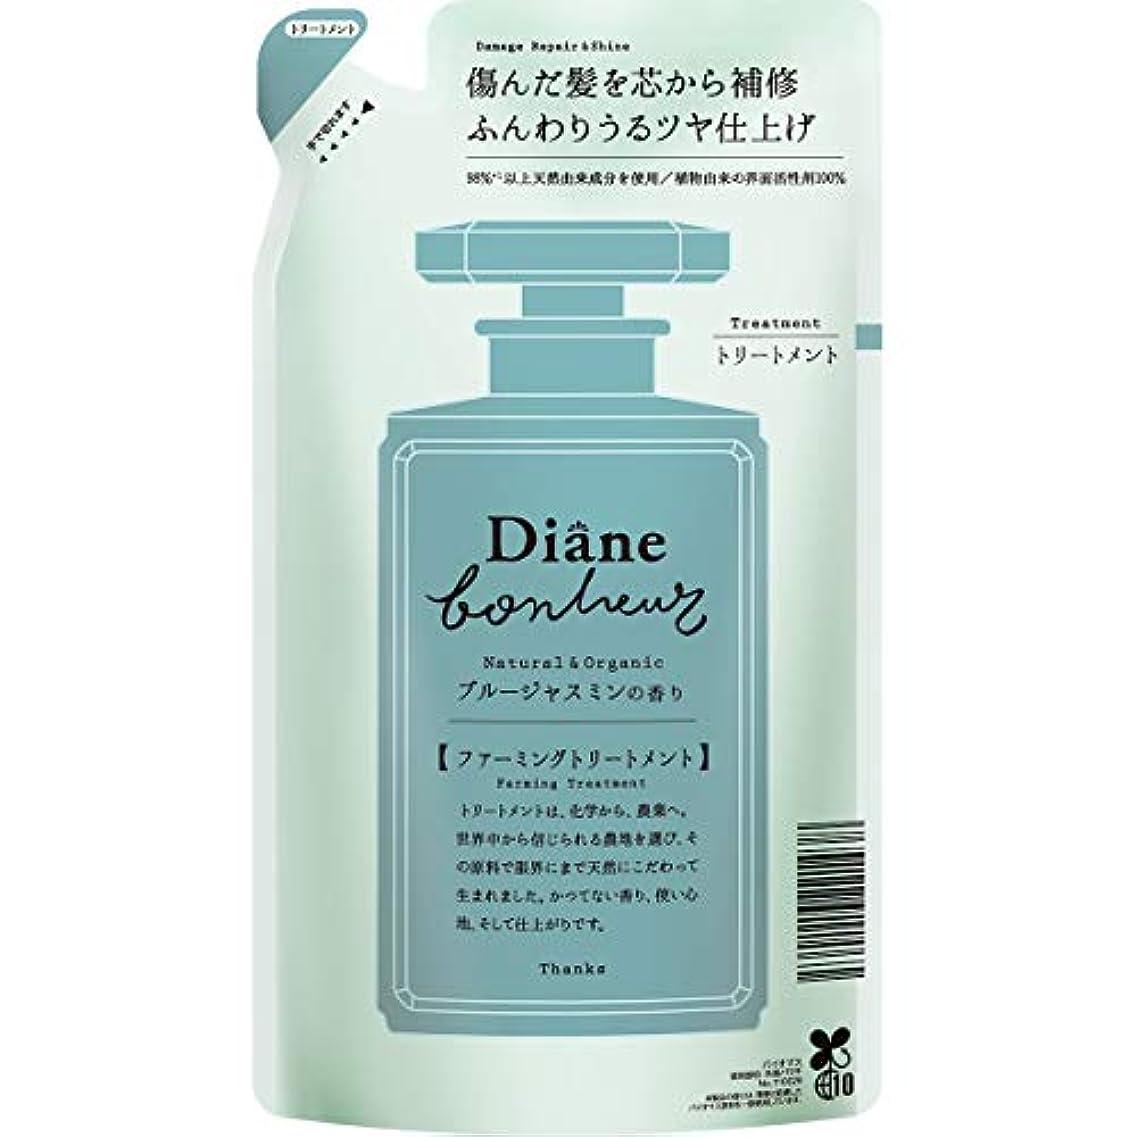 ホラー割り込み明らかにダイアン ボヌール トリートメント ブルージャスミンの香り ダメージリペア&シャイン 詰め替え 400ml